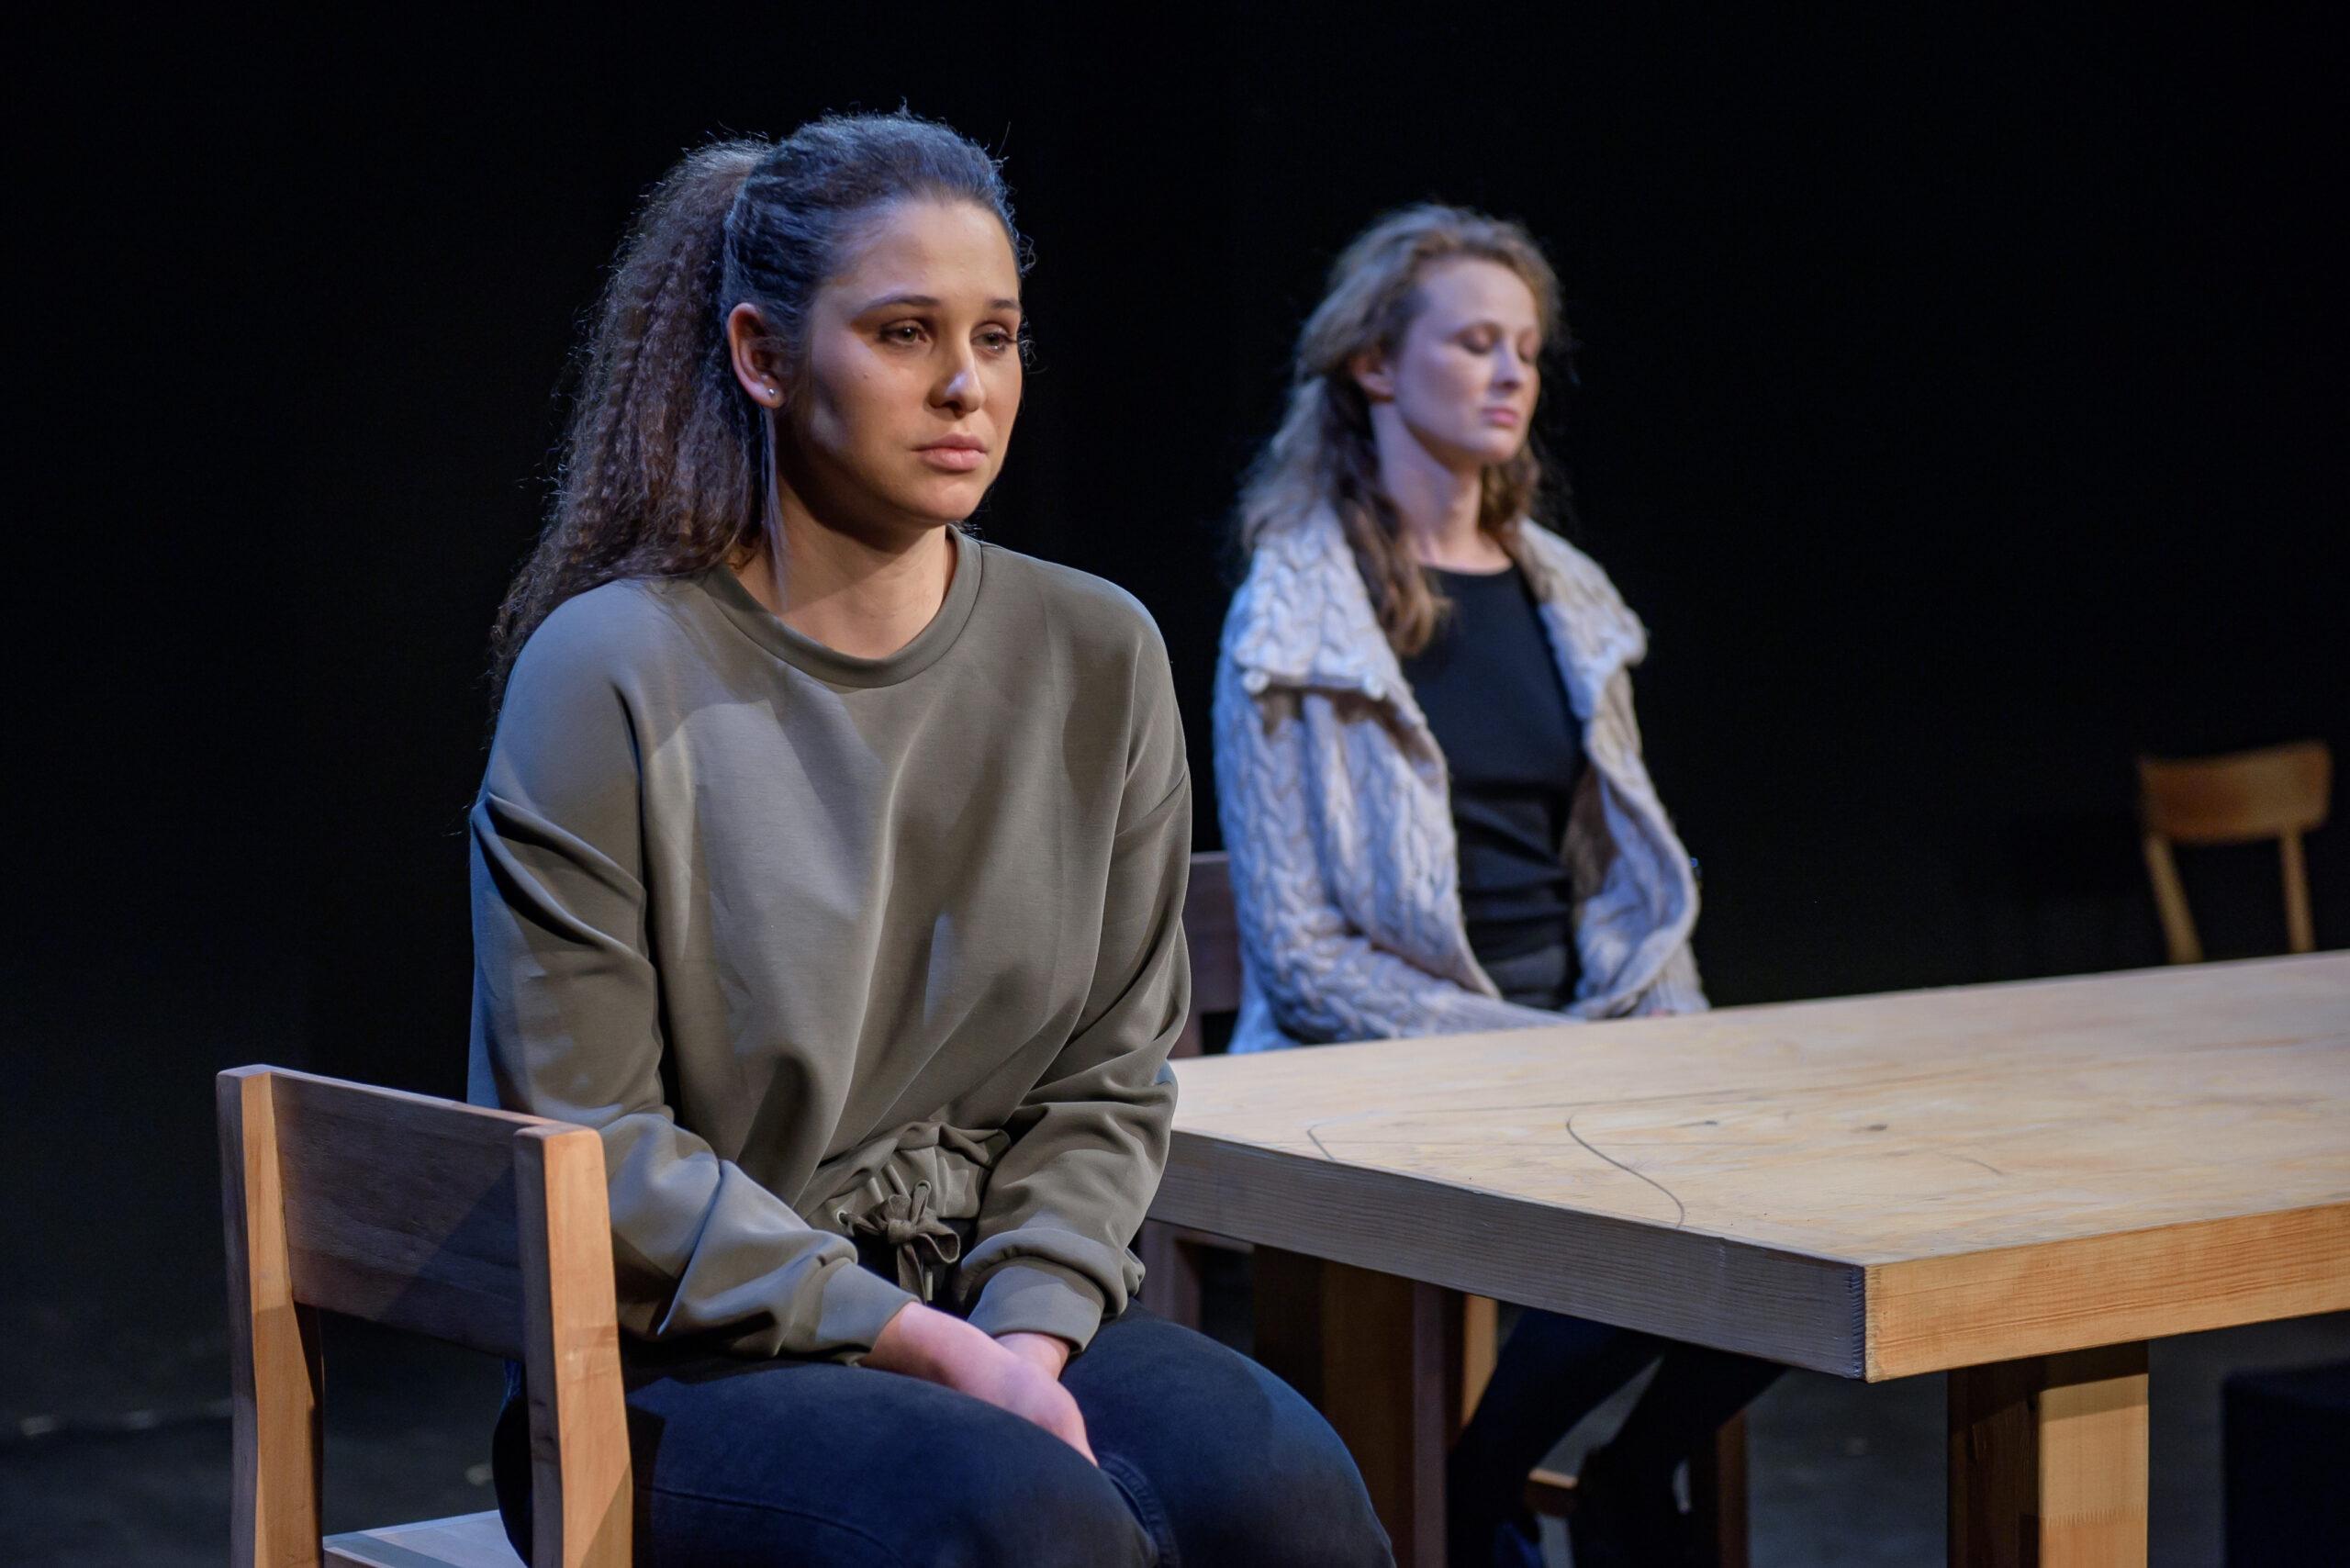 zdjęcie ze spektaklu. Przy dużym stole siedzą dwie kobiety, patrzą w tę samą stronę.